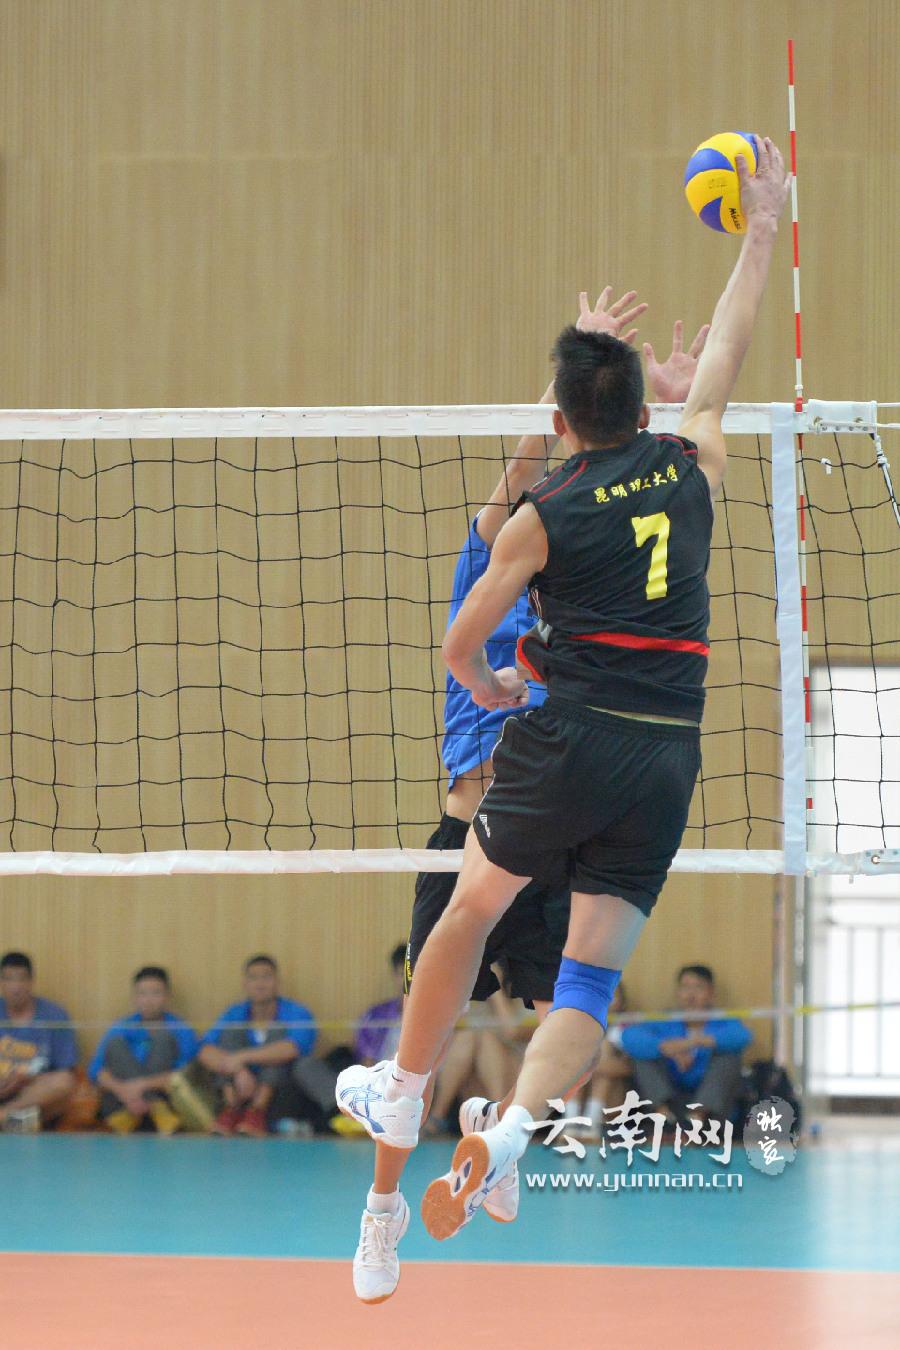 排球比赛中,昆明理工大学战胜对手,大力扣球瞬间高清图片